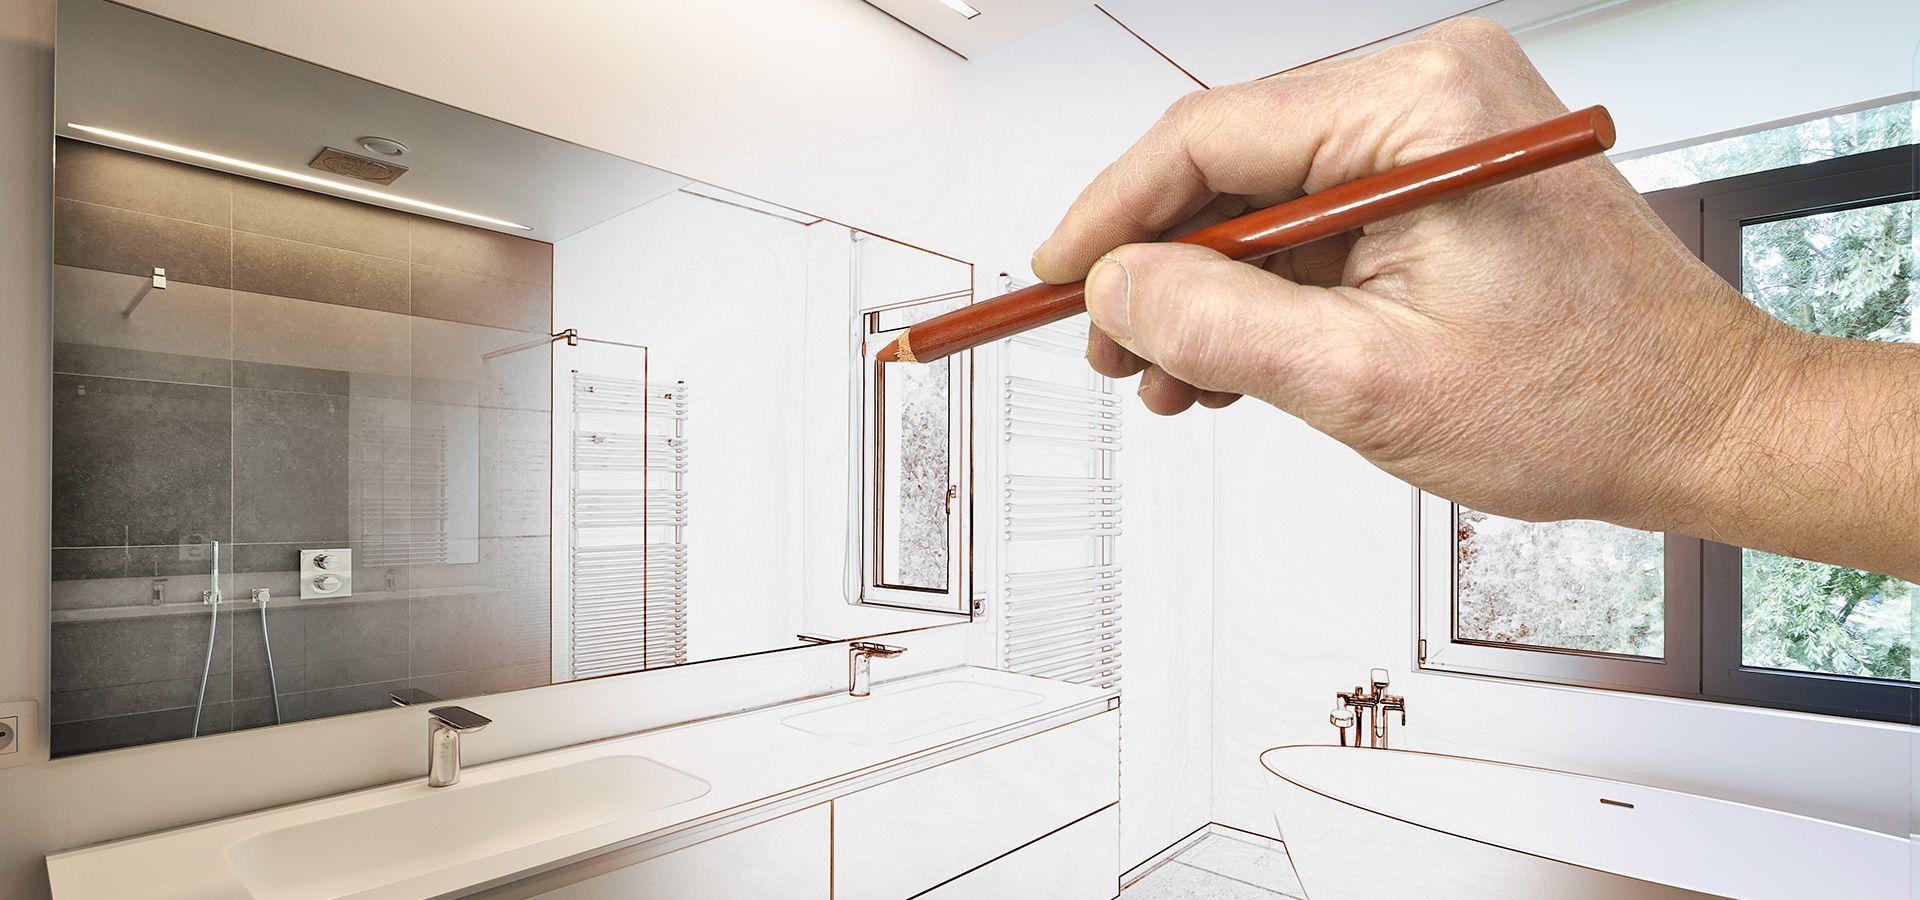 Planungsskizze Stilwelten Inspirationen durch Die Badgestalter